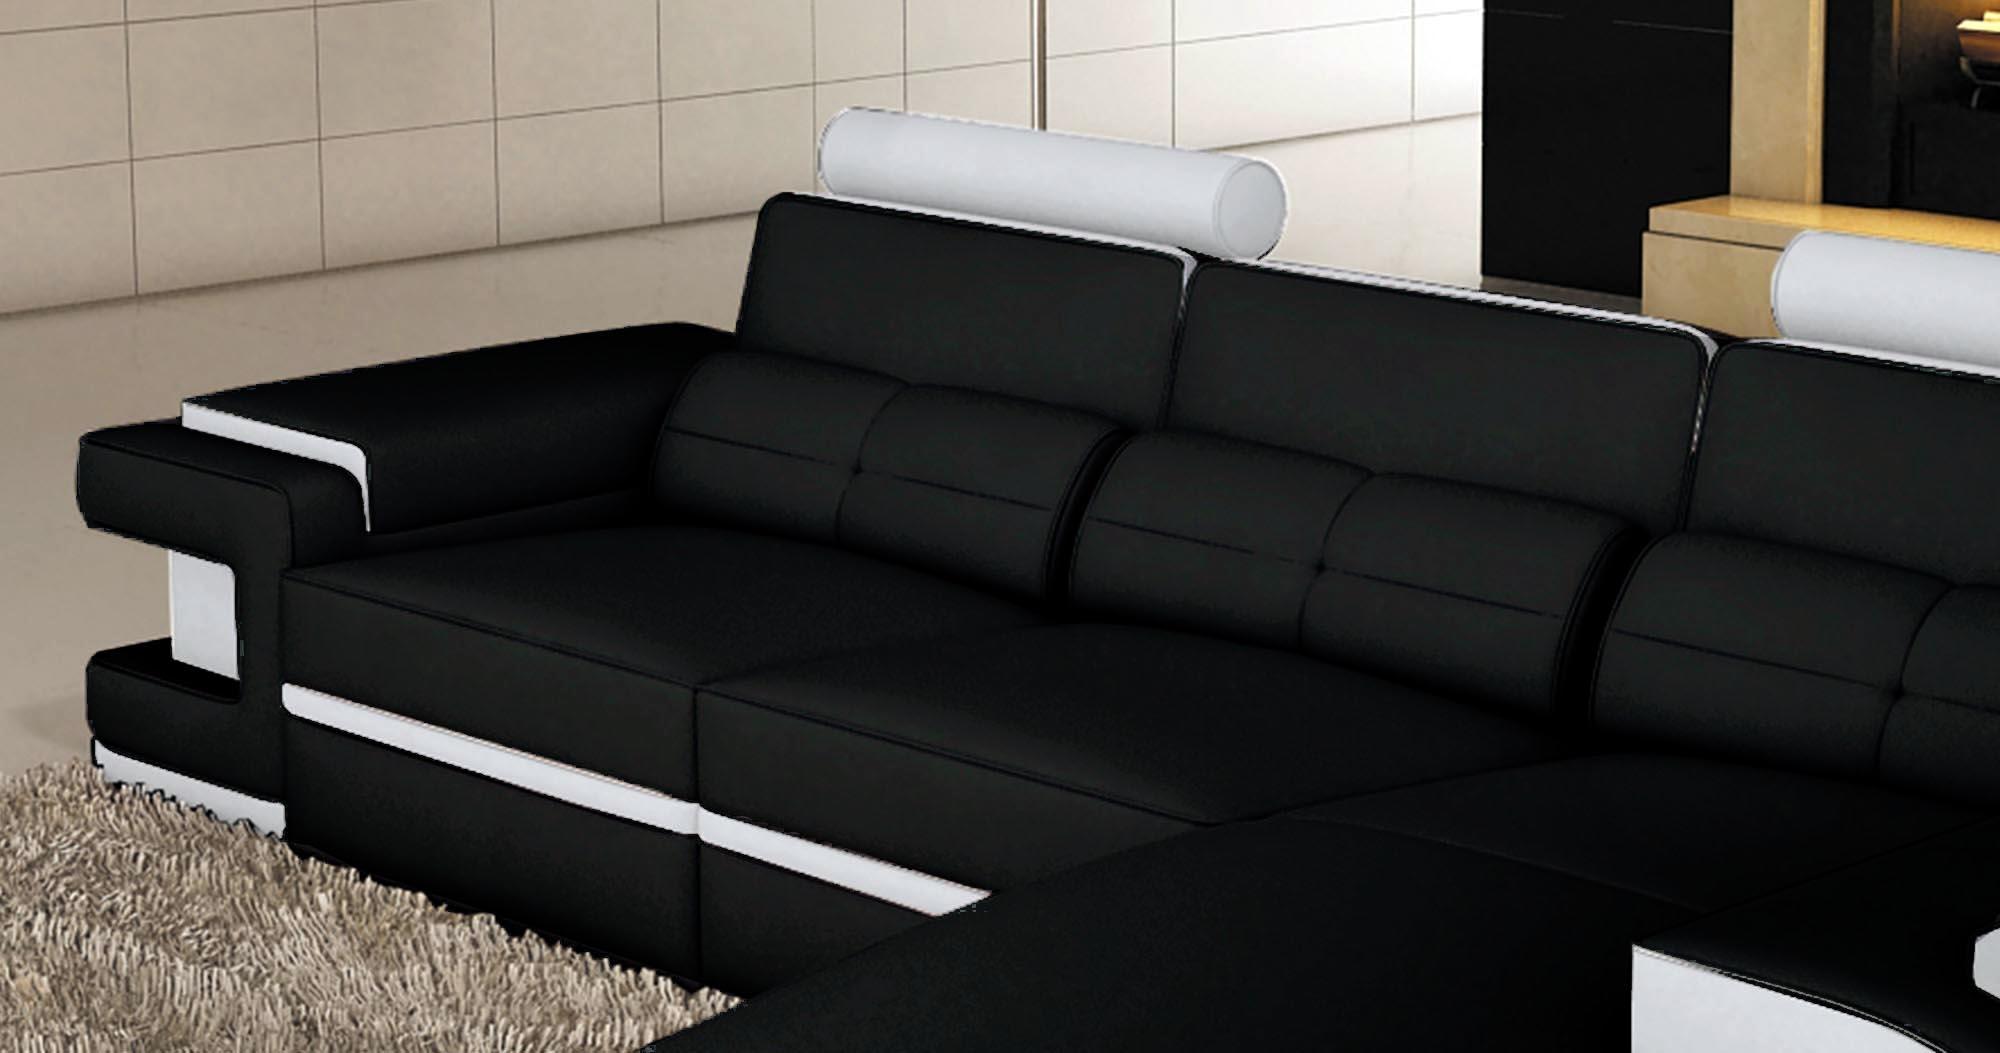 Canapé D Angle Cuir Design Deco In Paris 1 Canape D Angle Cuir Noir Et Blanc Design